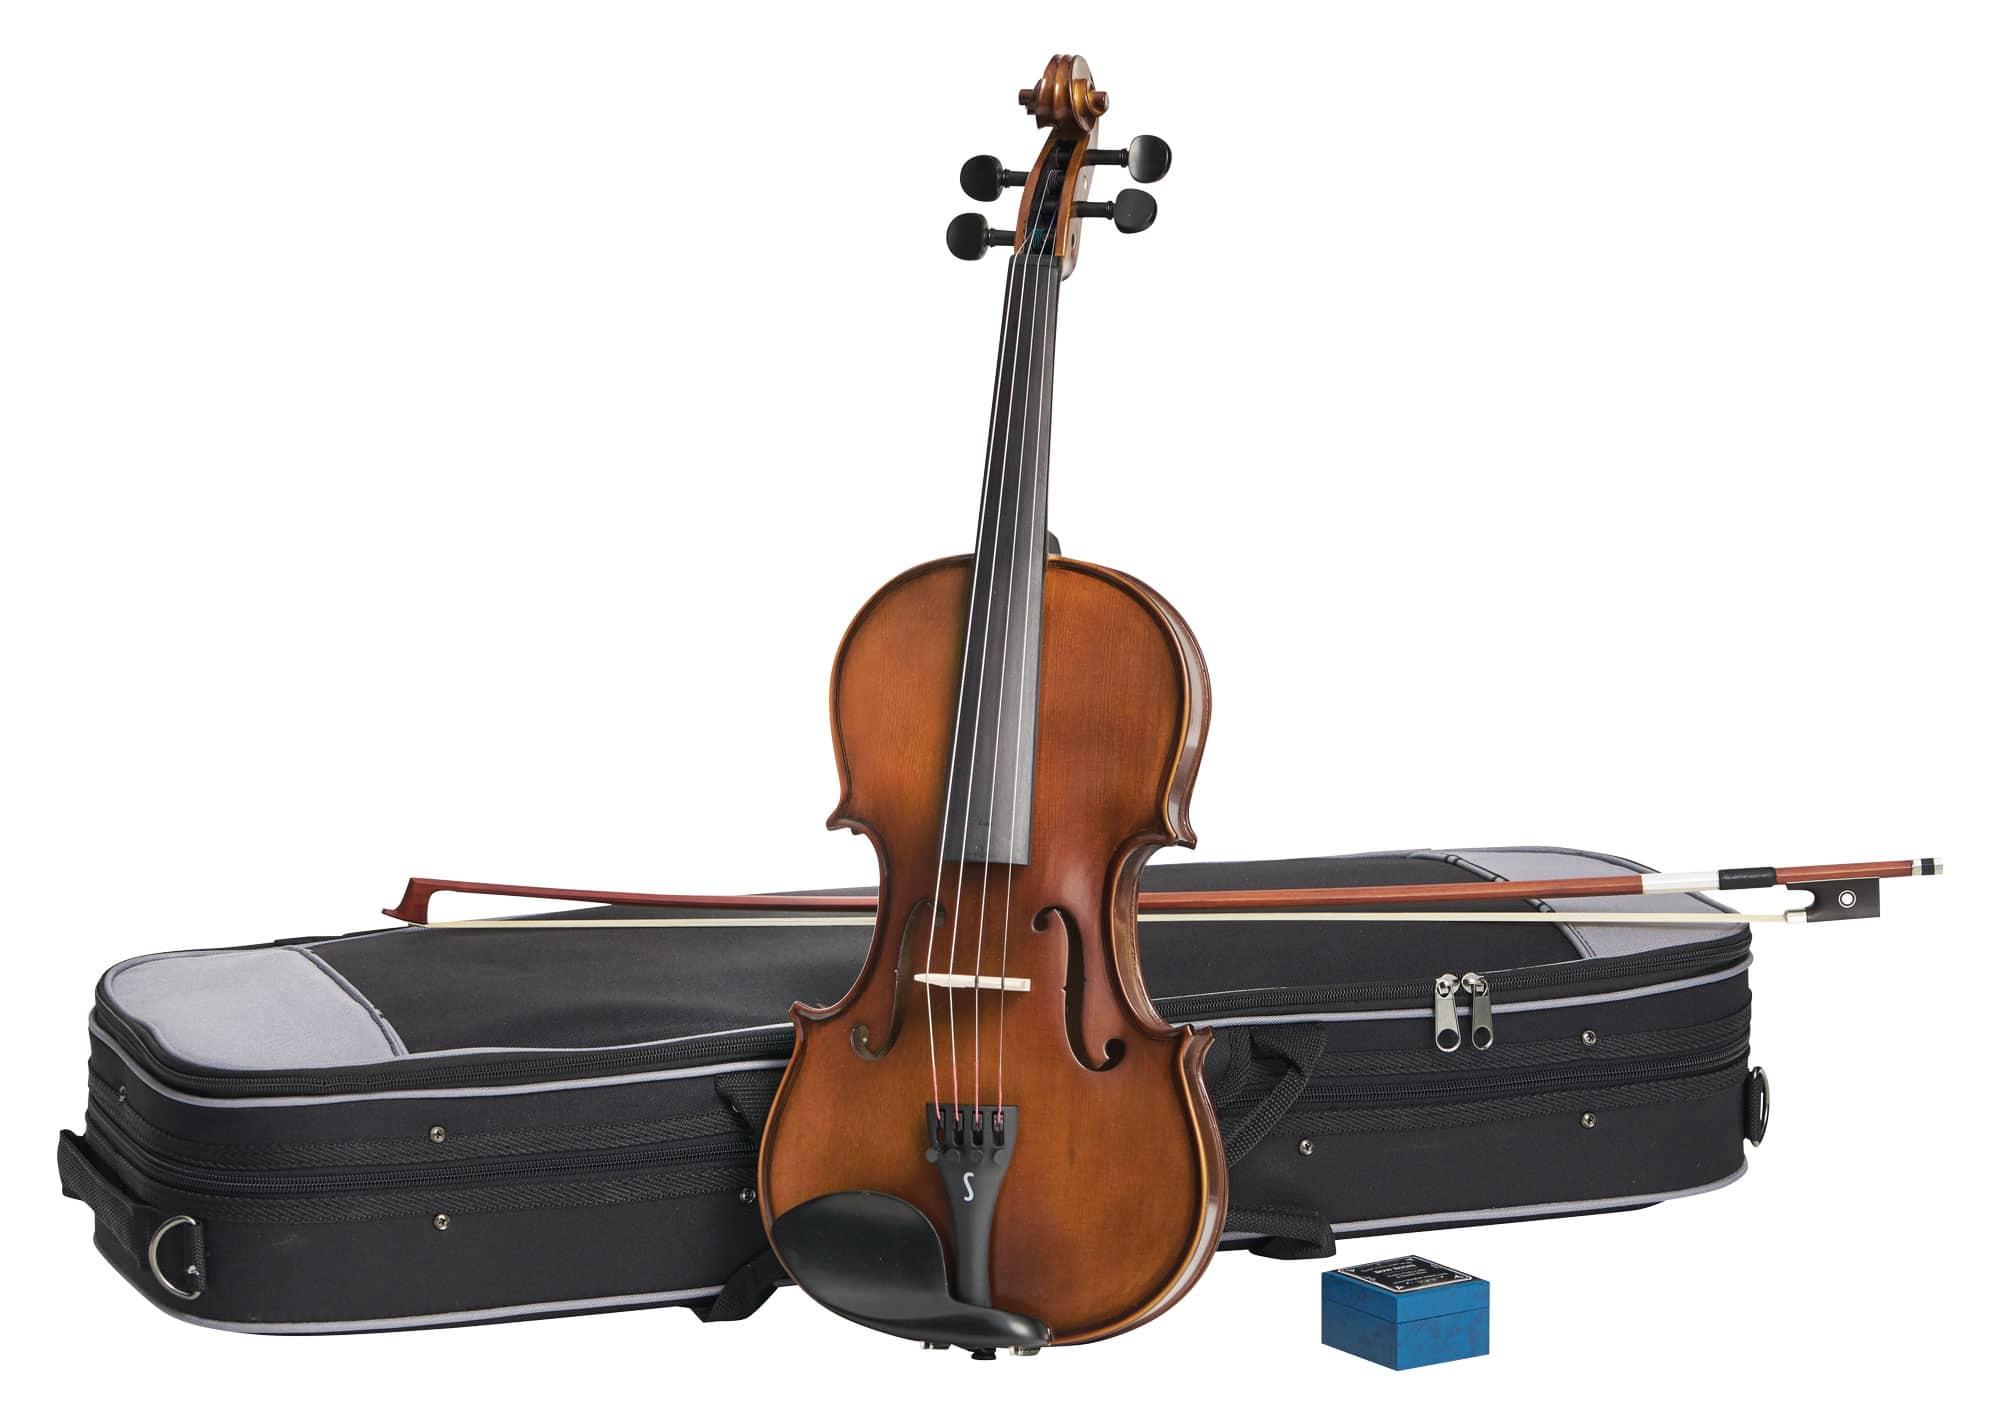 Violinen - Stentor SR1542 3|4 Graduate Violinset - Onlineshop Musikhaus Kirstein